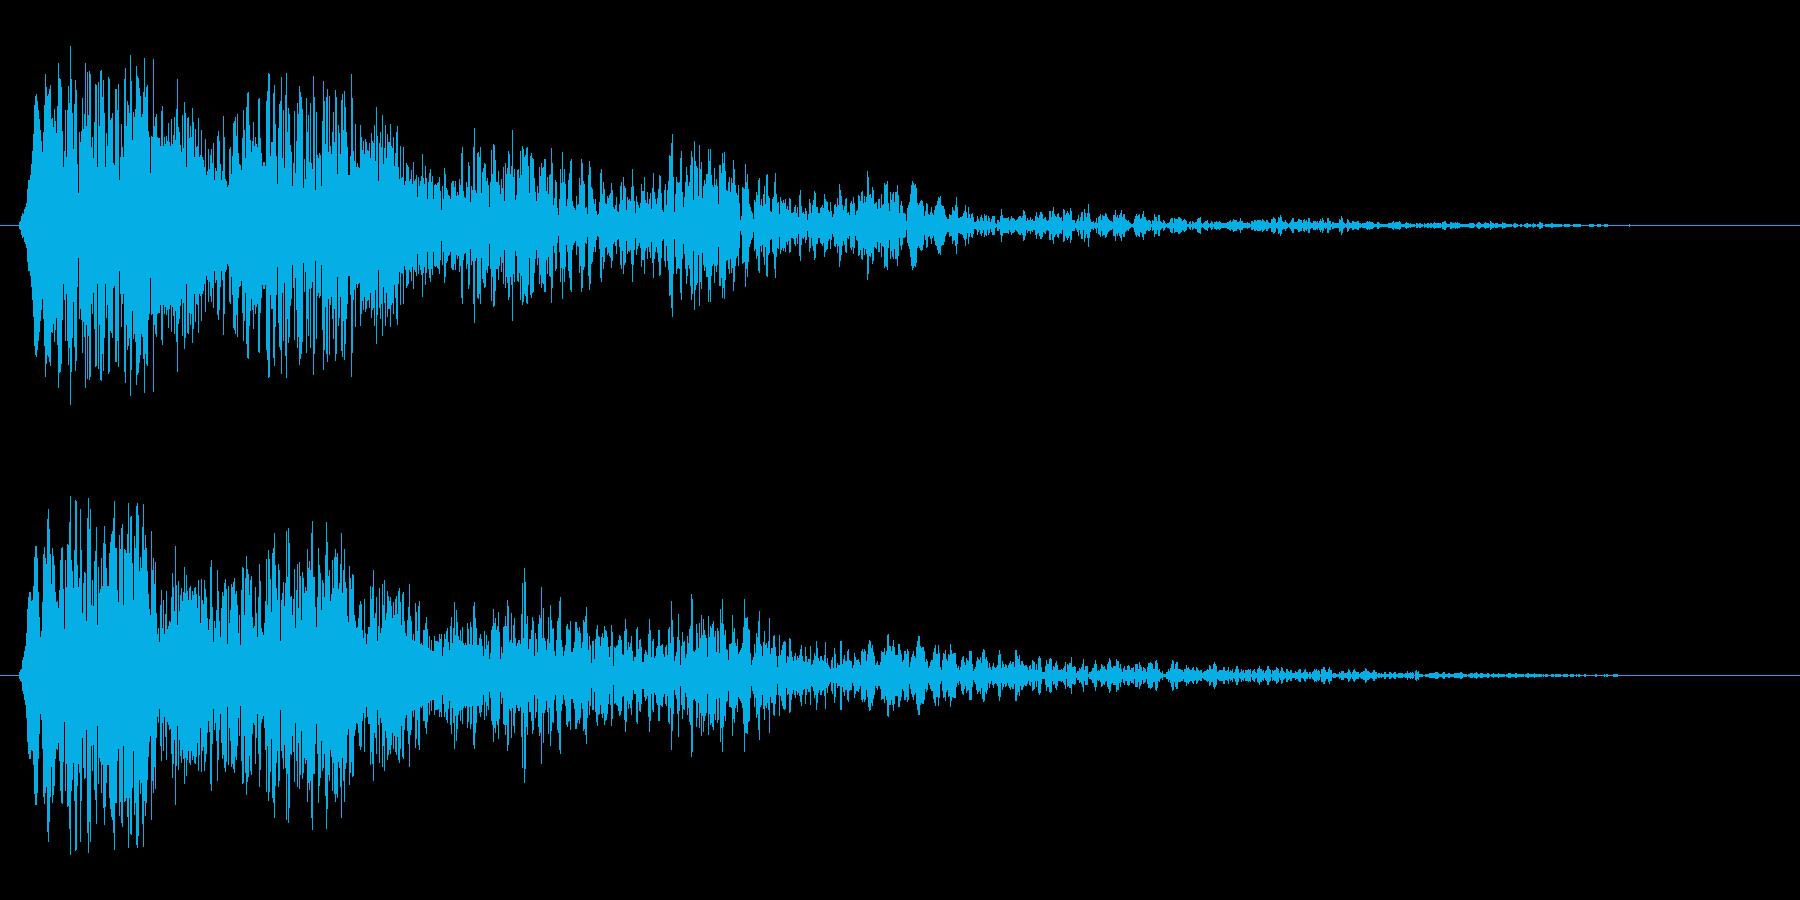 レーザービーム発射(ピピューン)の再生済みの波形